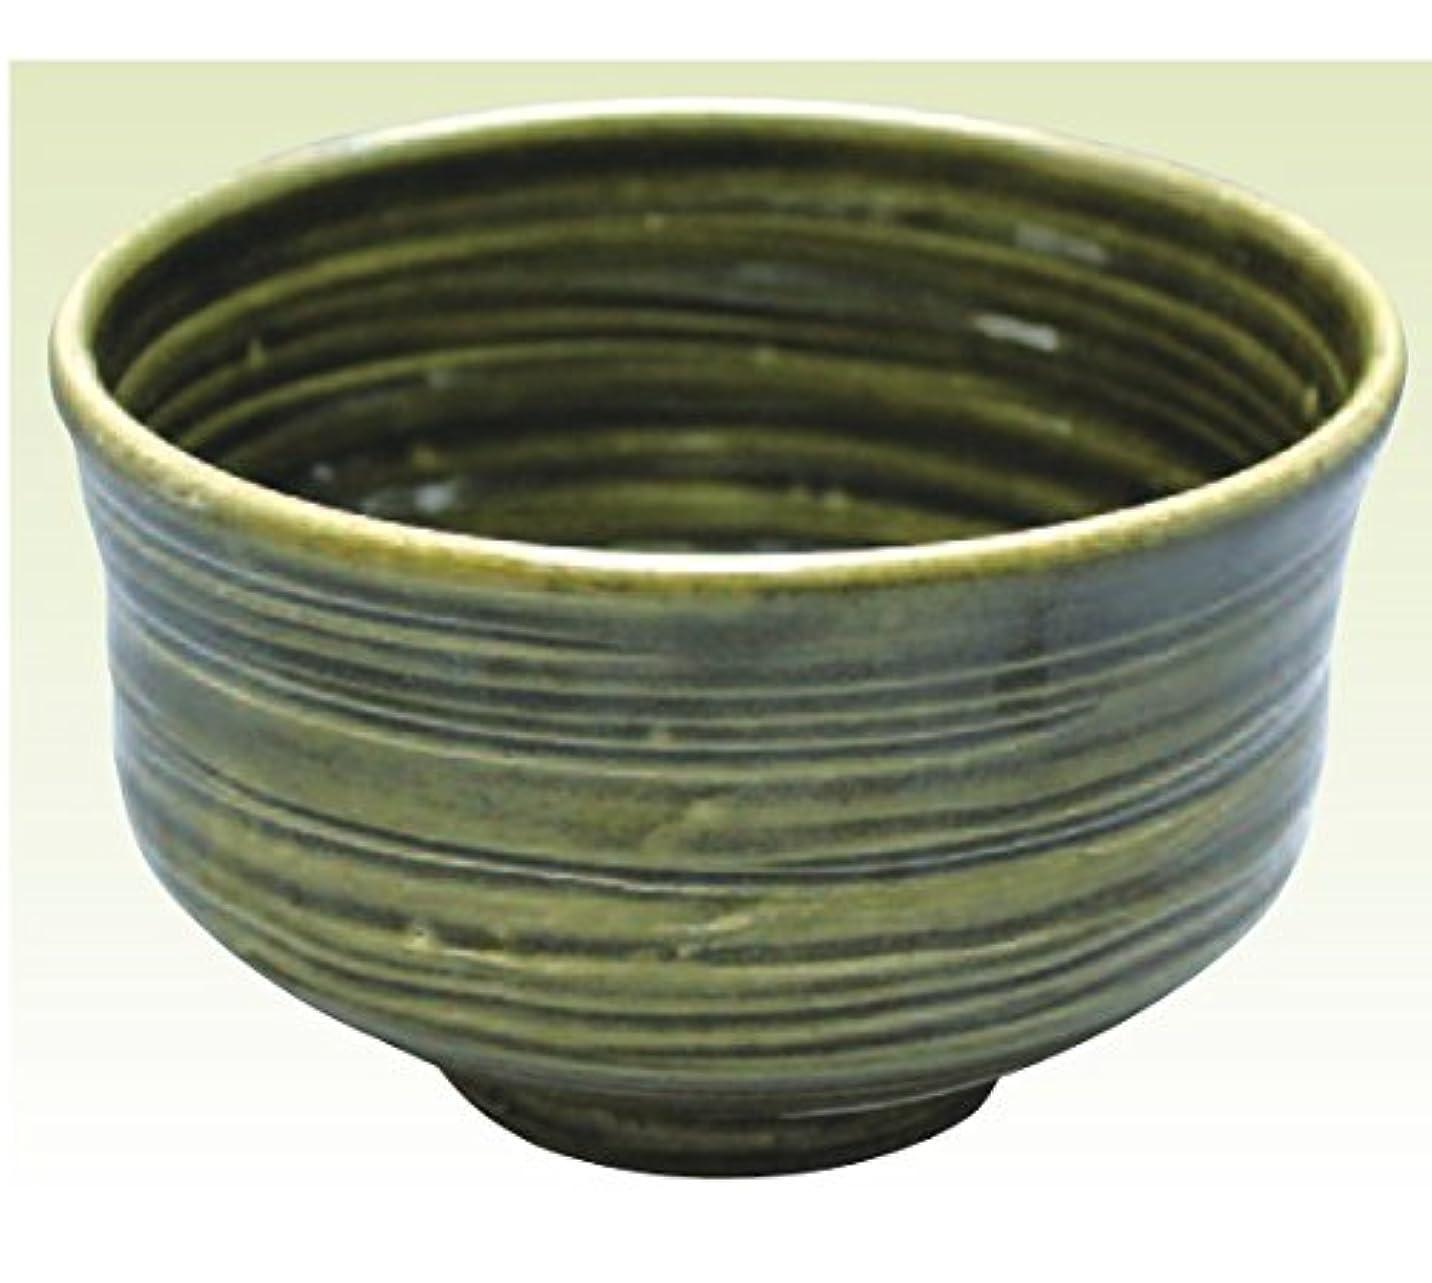 経過防腐剤出血常滑焼 焜清作 抹茶茶碗織部径13×高さ8cm